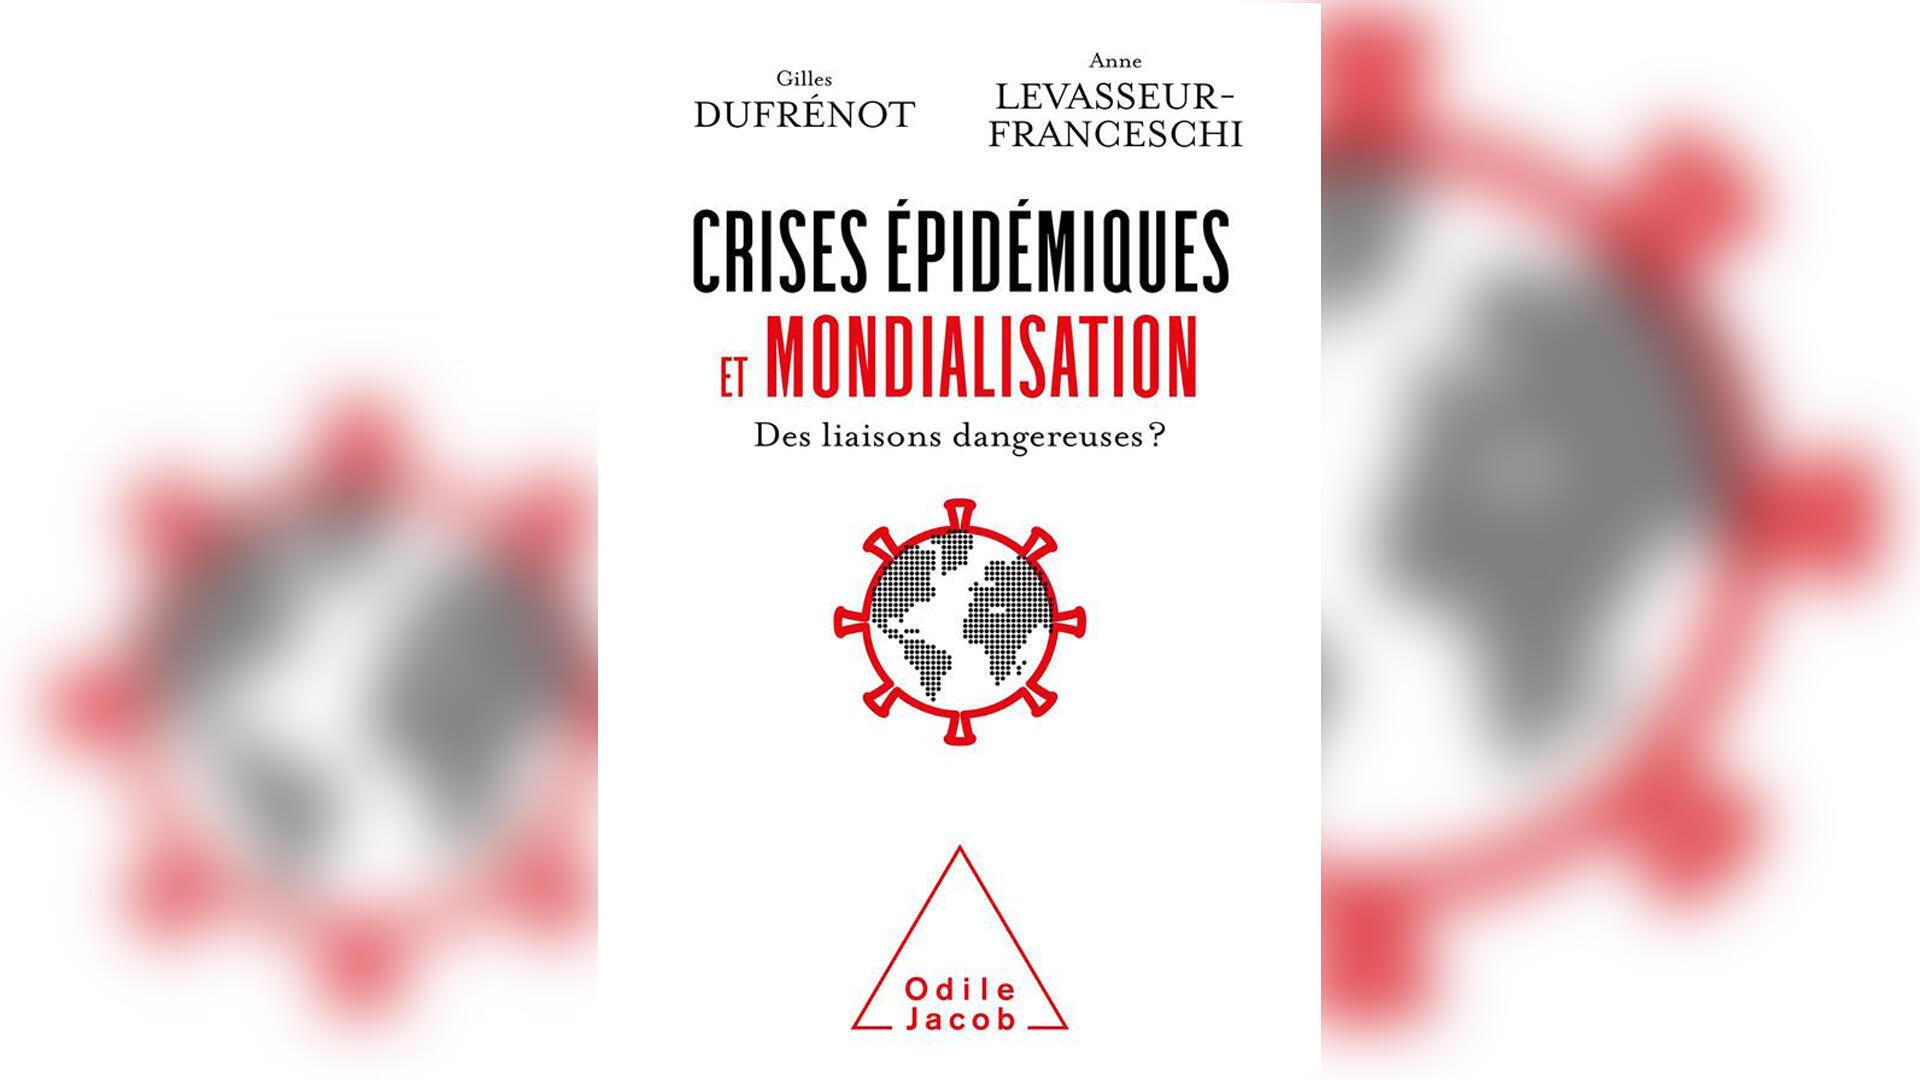 Couverture - crises épidémiques et mondialisation - Covid - Gilles Dufrénot et Anne Levasseur-Franceschi - Géopolitique le débat